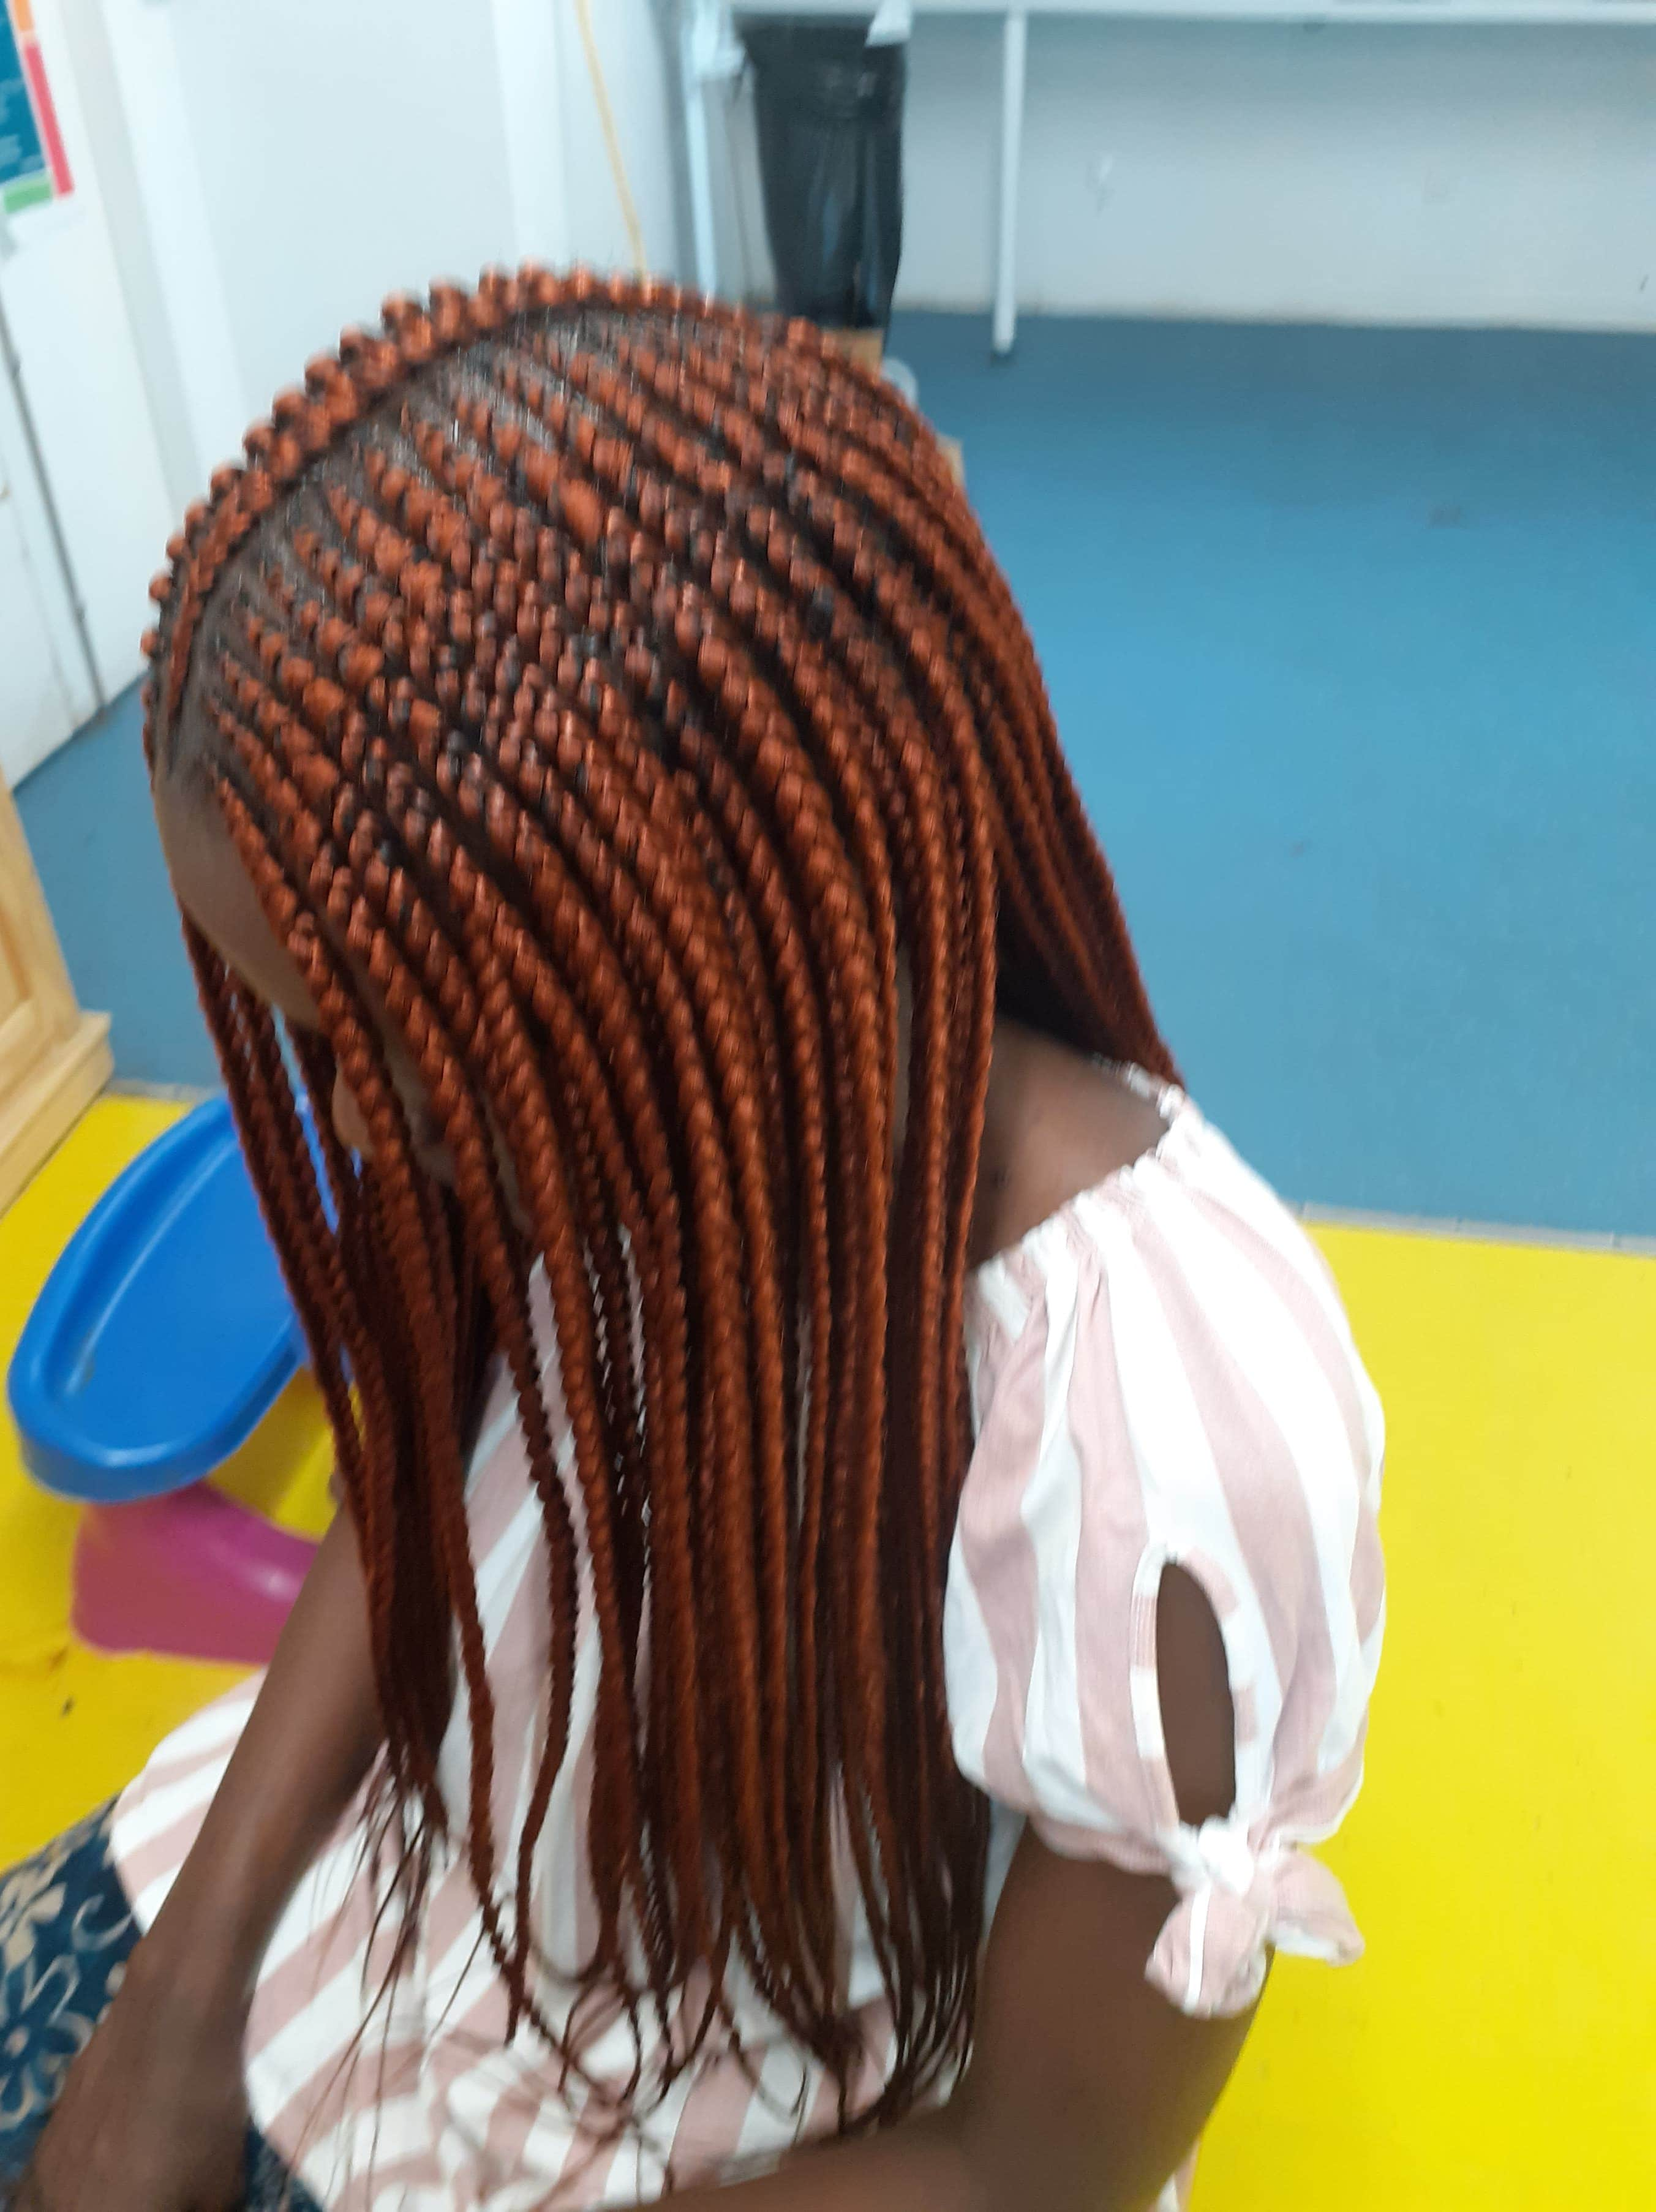 salon de coiffure afro tresse tresses box braids crochet braids vanilles tissages paris 75 77 78 91 92 93 94 95 ELZUEPYX